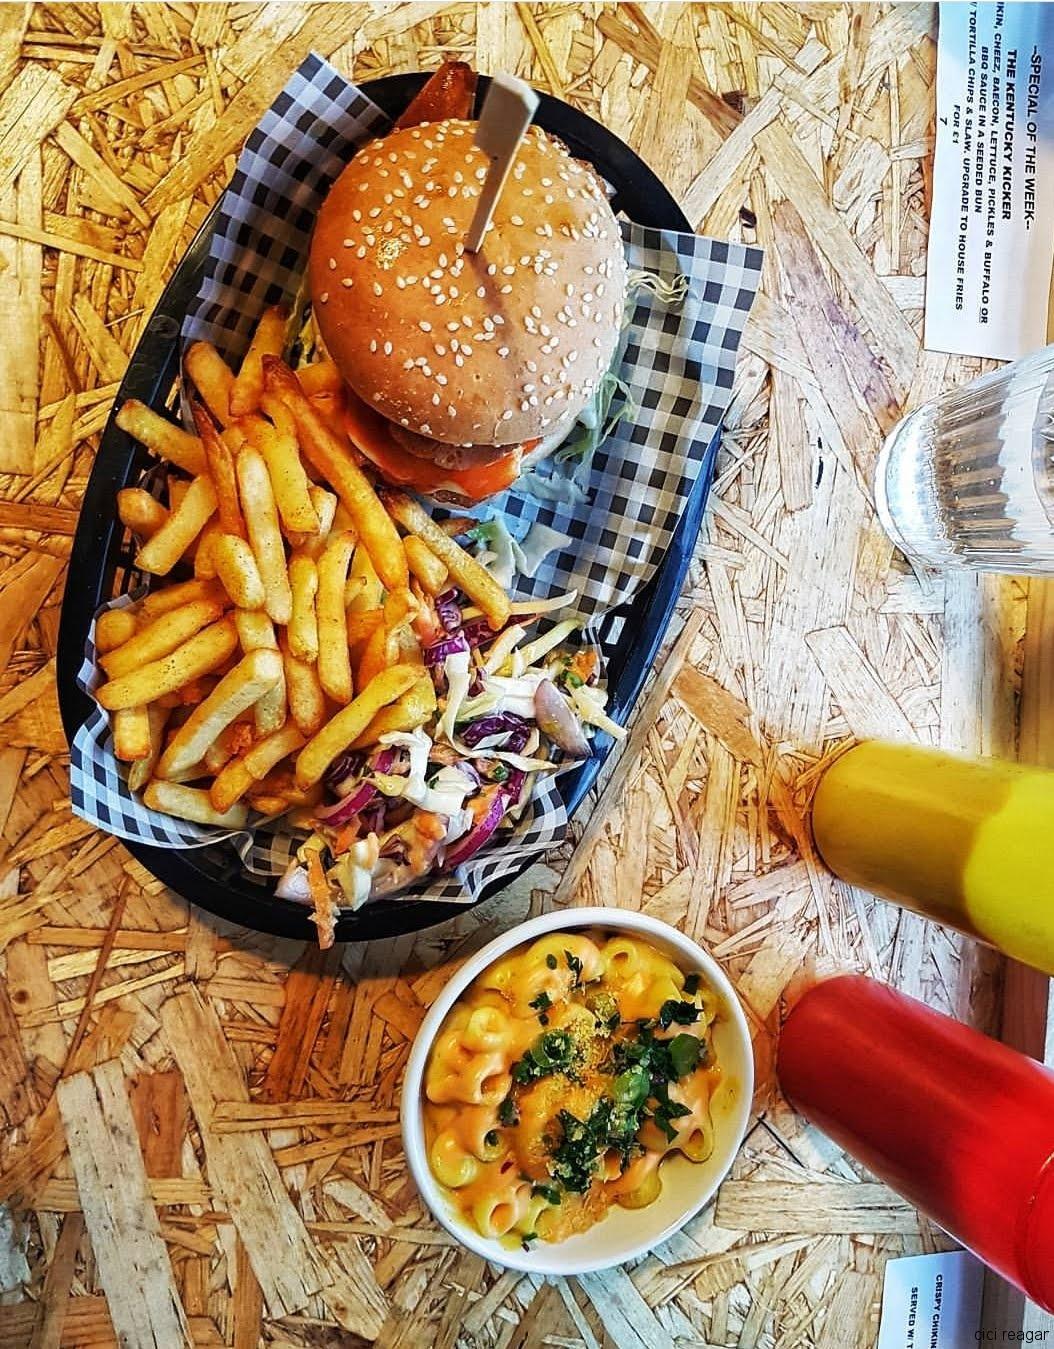 Vegan Burger and Macaroni and Cheese, Grumpy Panda, Gateshead, UK